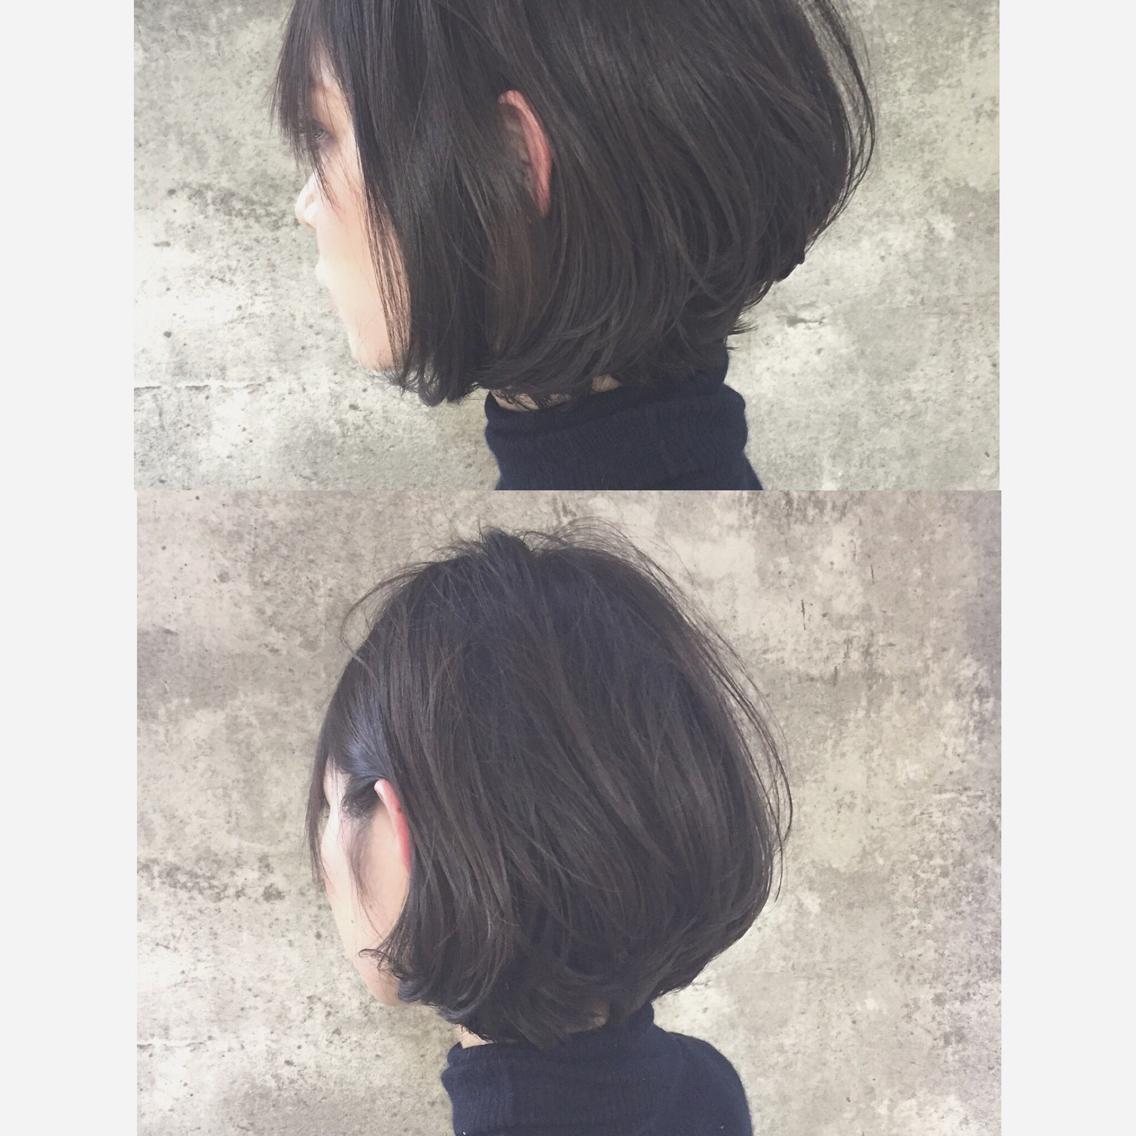 #ショート #カラー グラデーションボブ×ダークアッシュ シャープなヘアスタイルをしっとりふわっとレザーカットで柔らかい質感に。